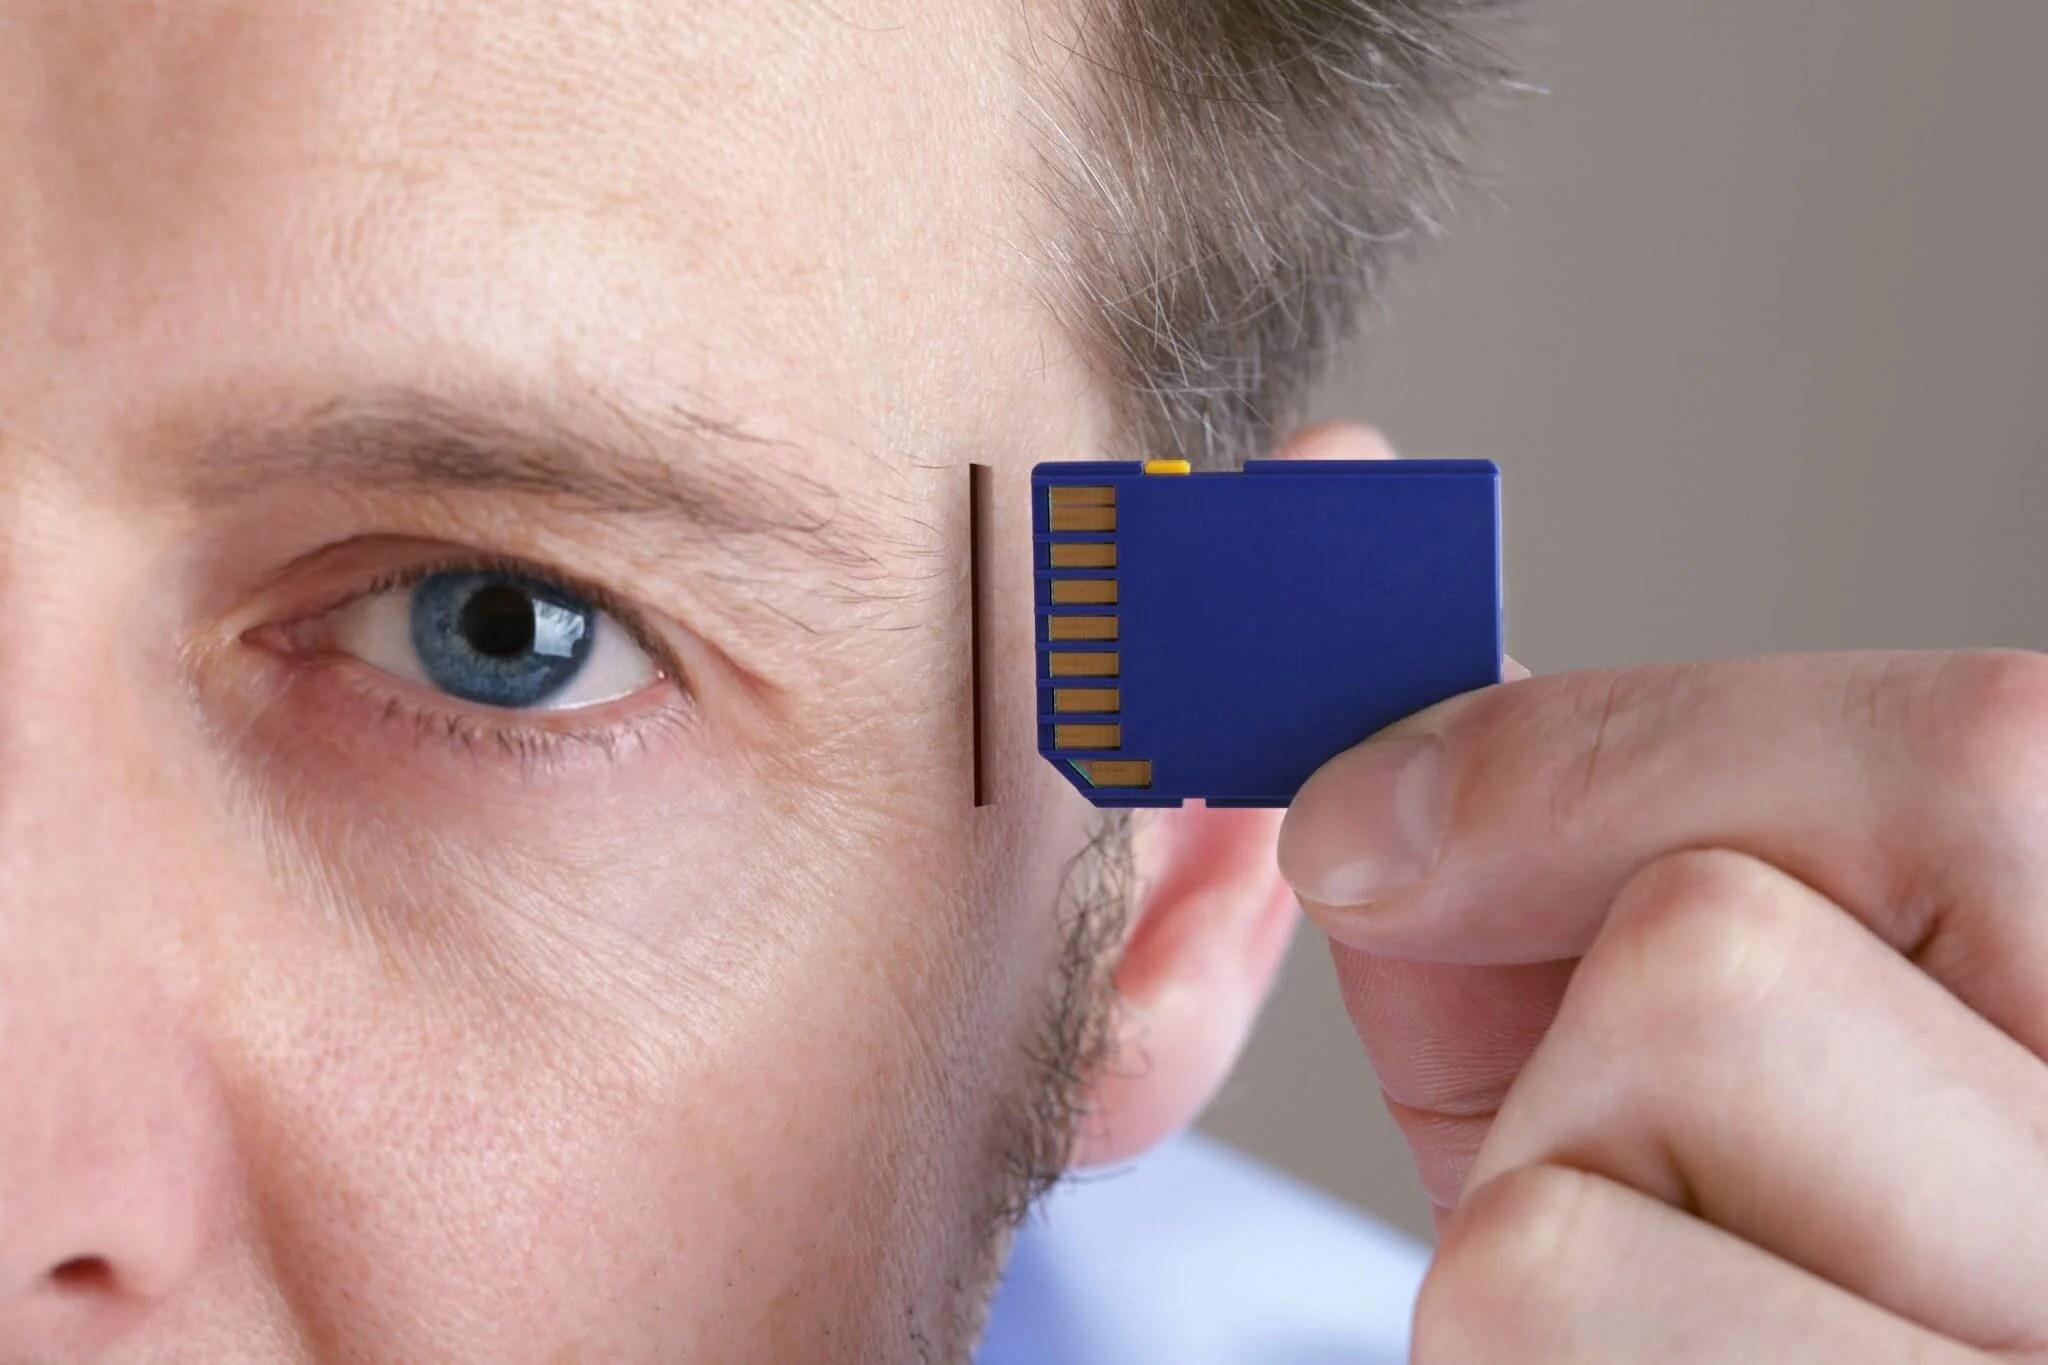 maxresdefault 5 - Inteligência Artificial quer chegar ao seu cérebro com um chip; você teria coragem?